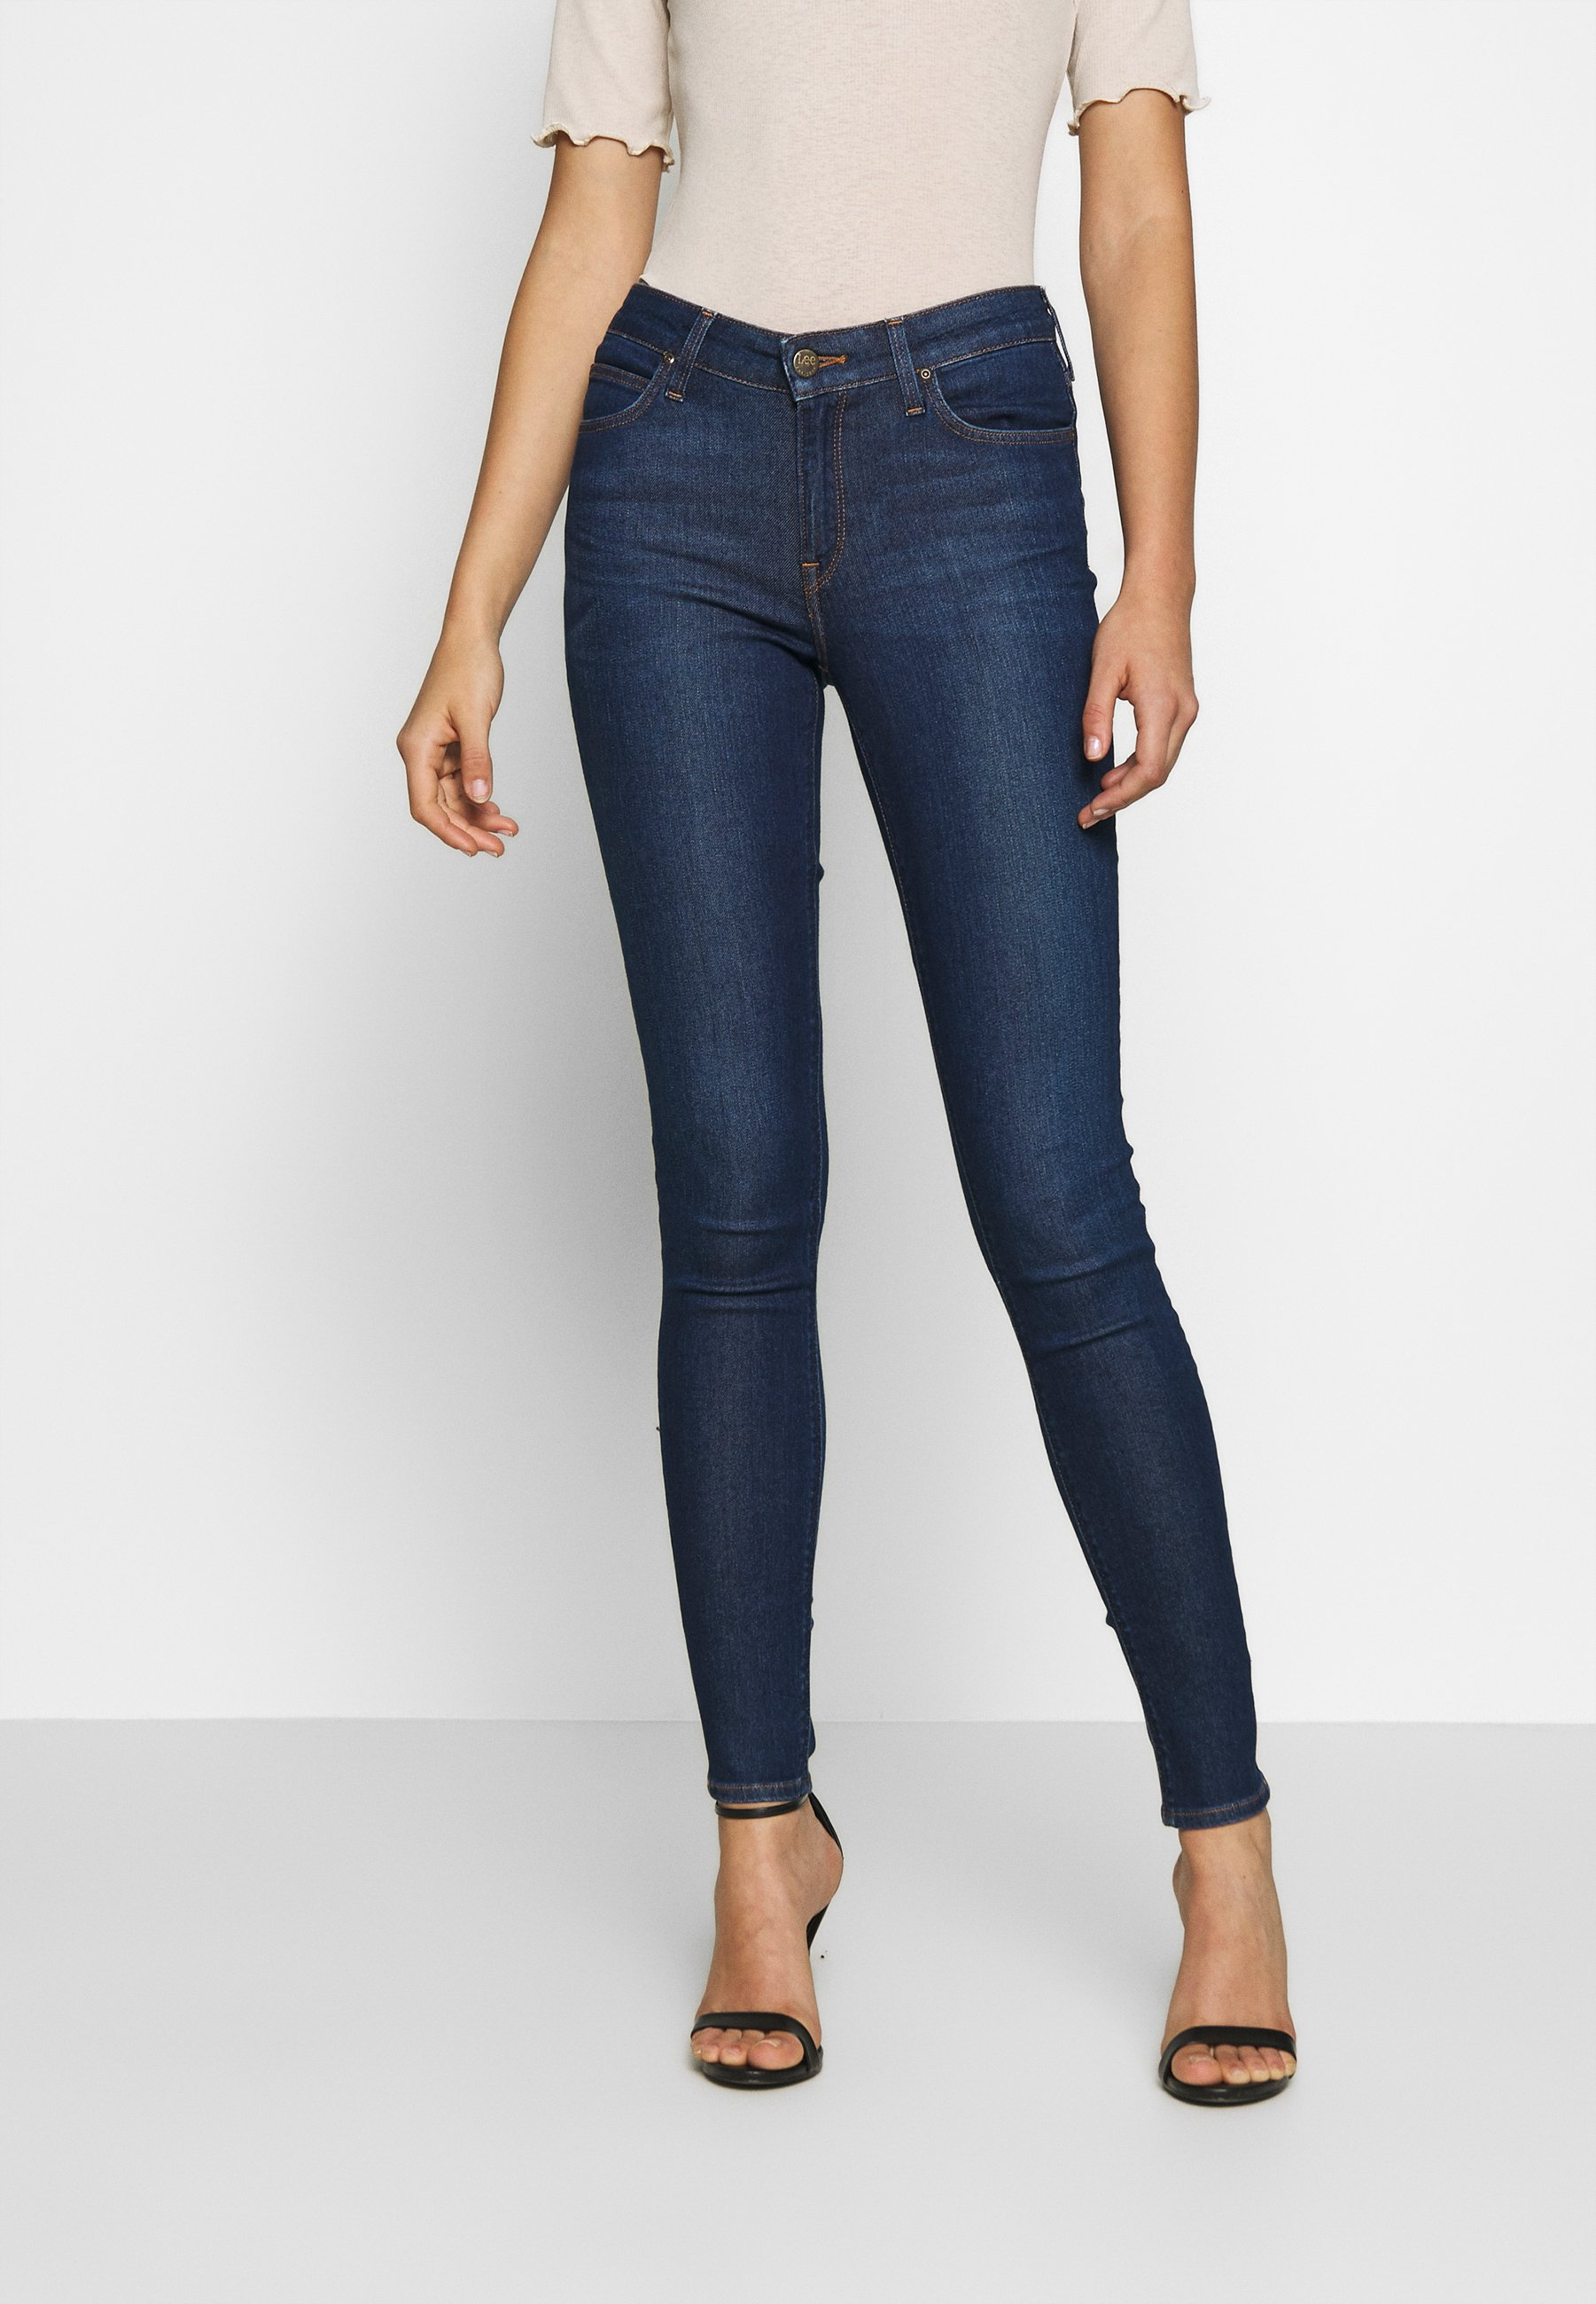 Blue Indigo Skinny Fit Lee Women/'s Jeans Jodee